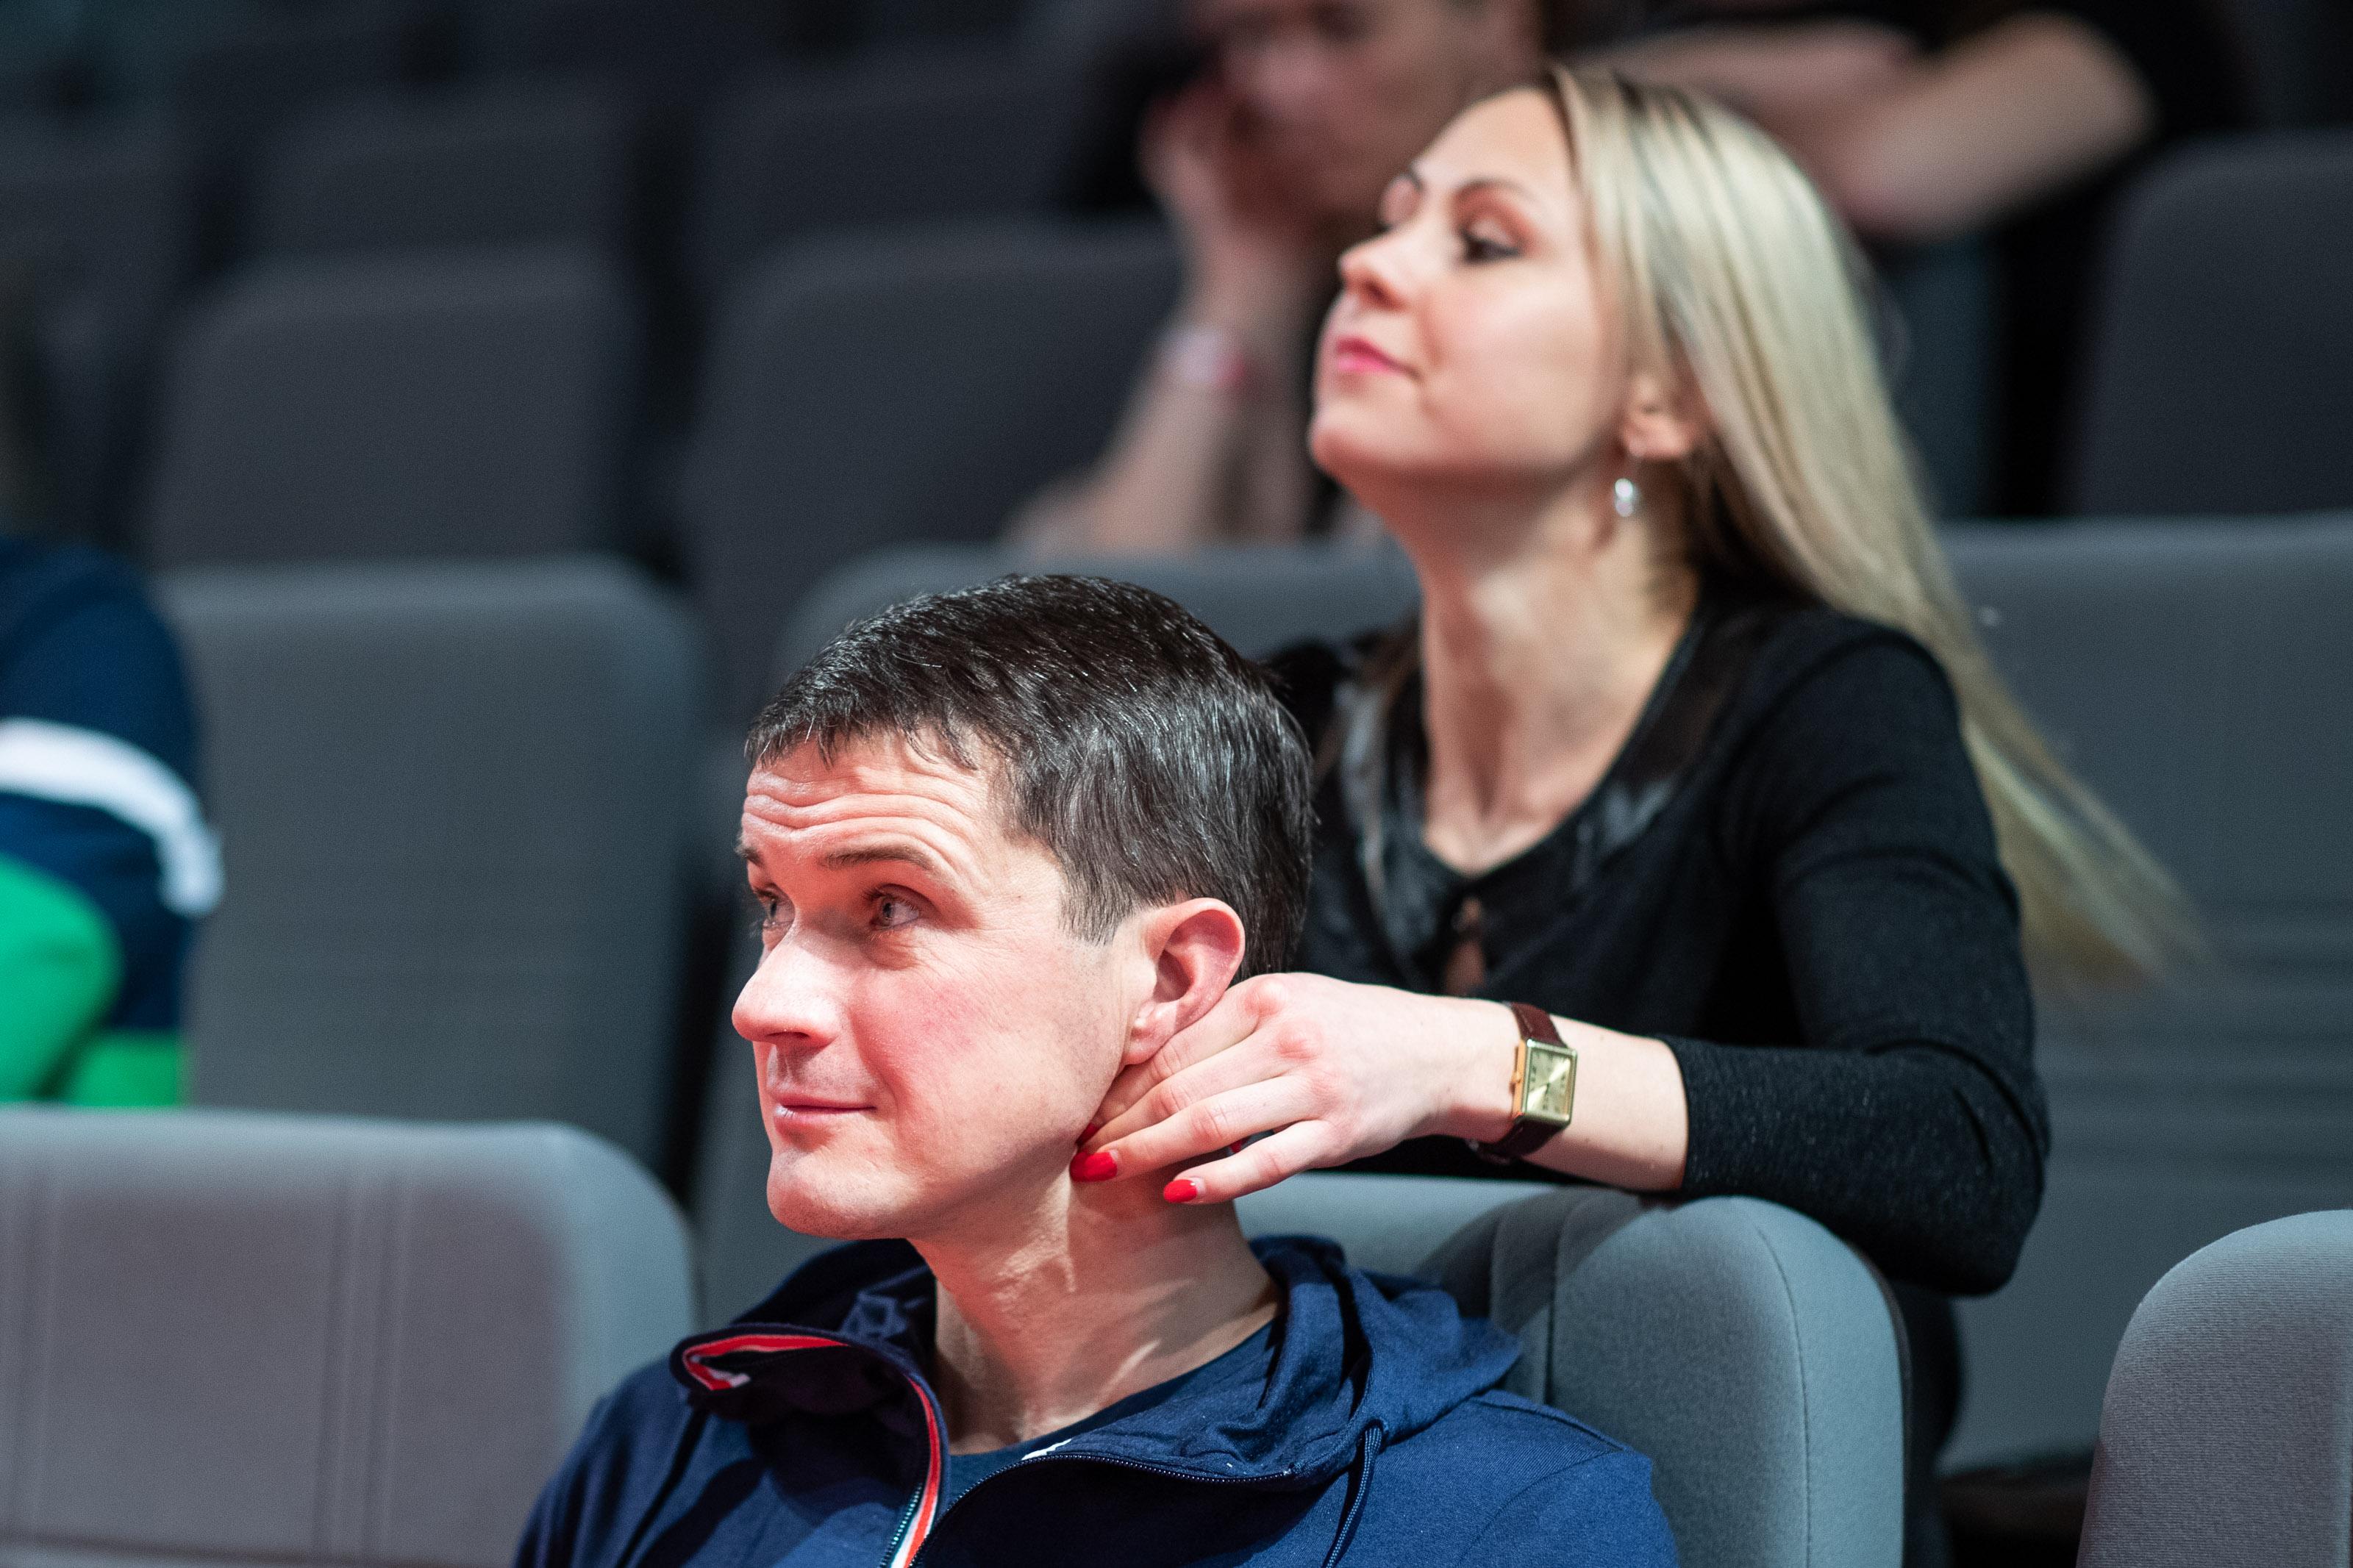 Po seminaro garsus medikas rado laiko ir olimpiečių terapijai | Rengėjų nuotr.